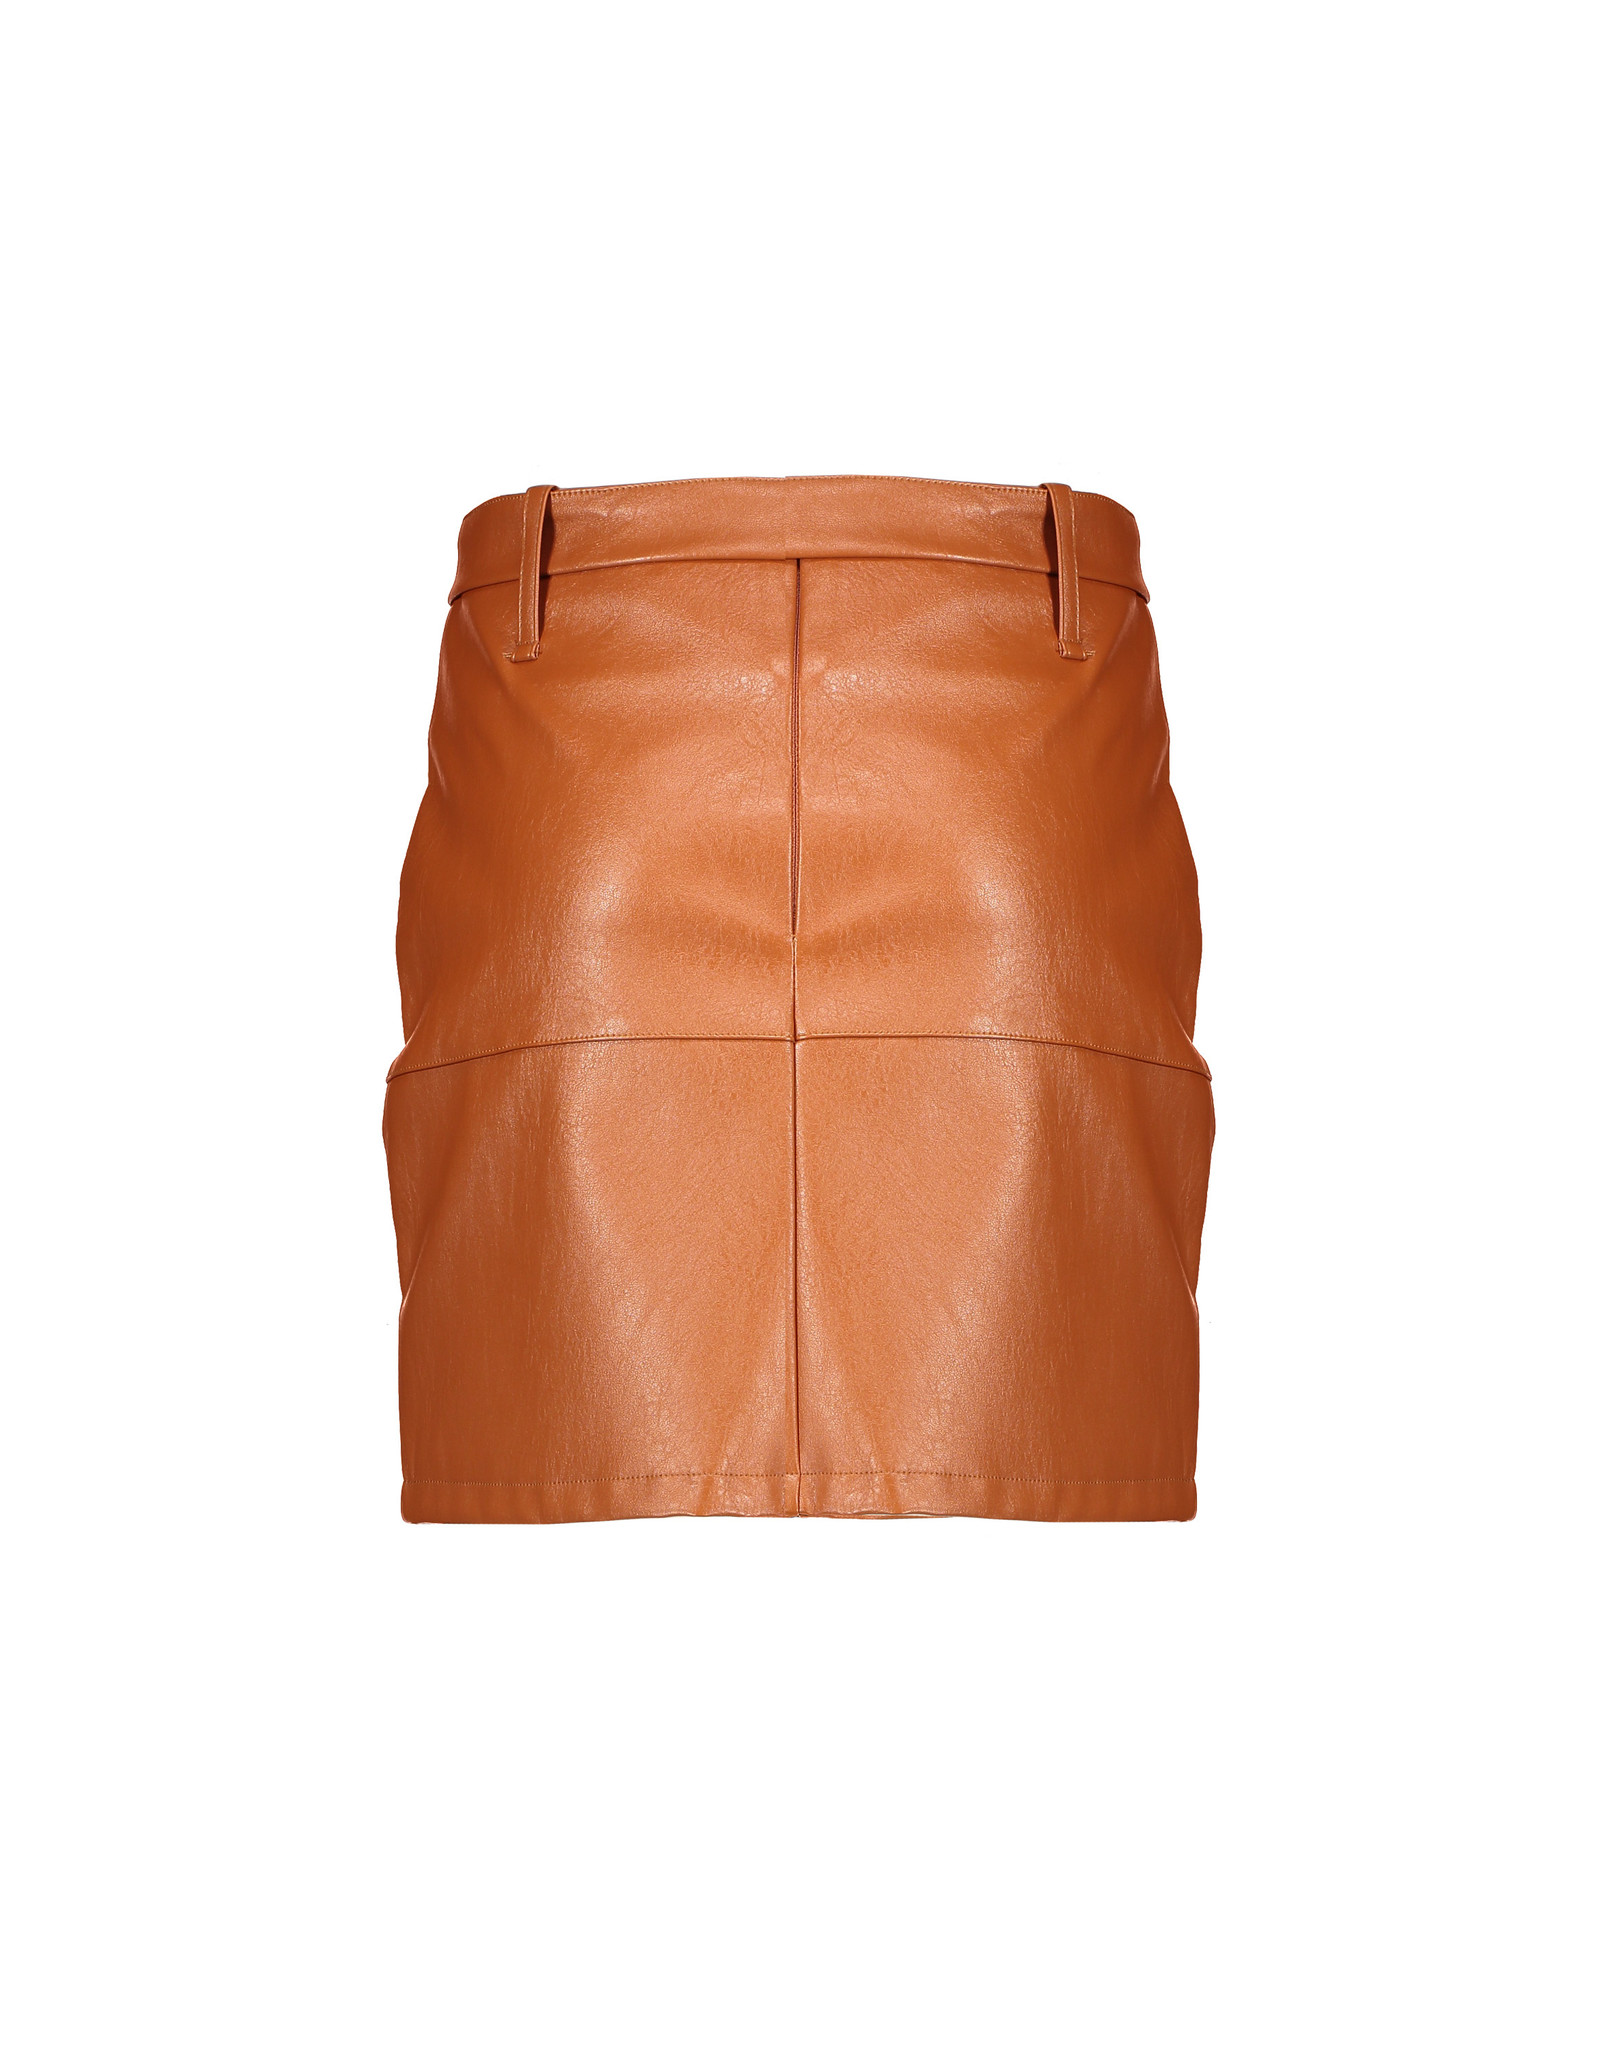 NoBell NoBell Nisha Imitatie Leather Skirt with Belt COGNAC